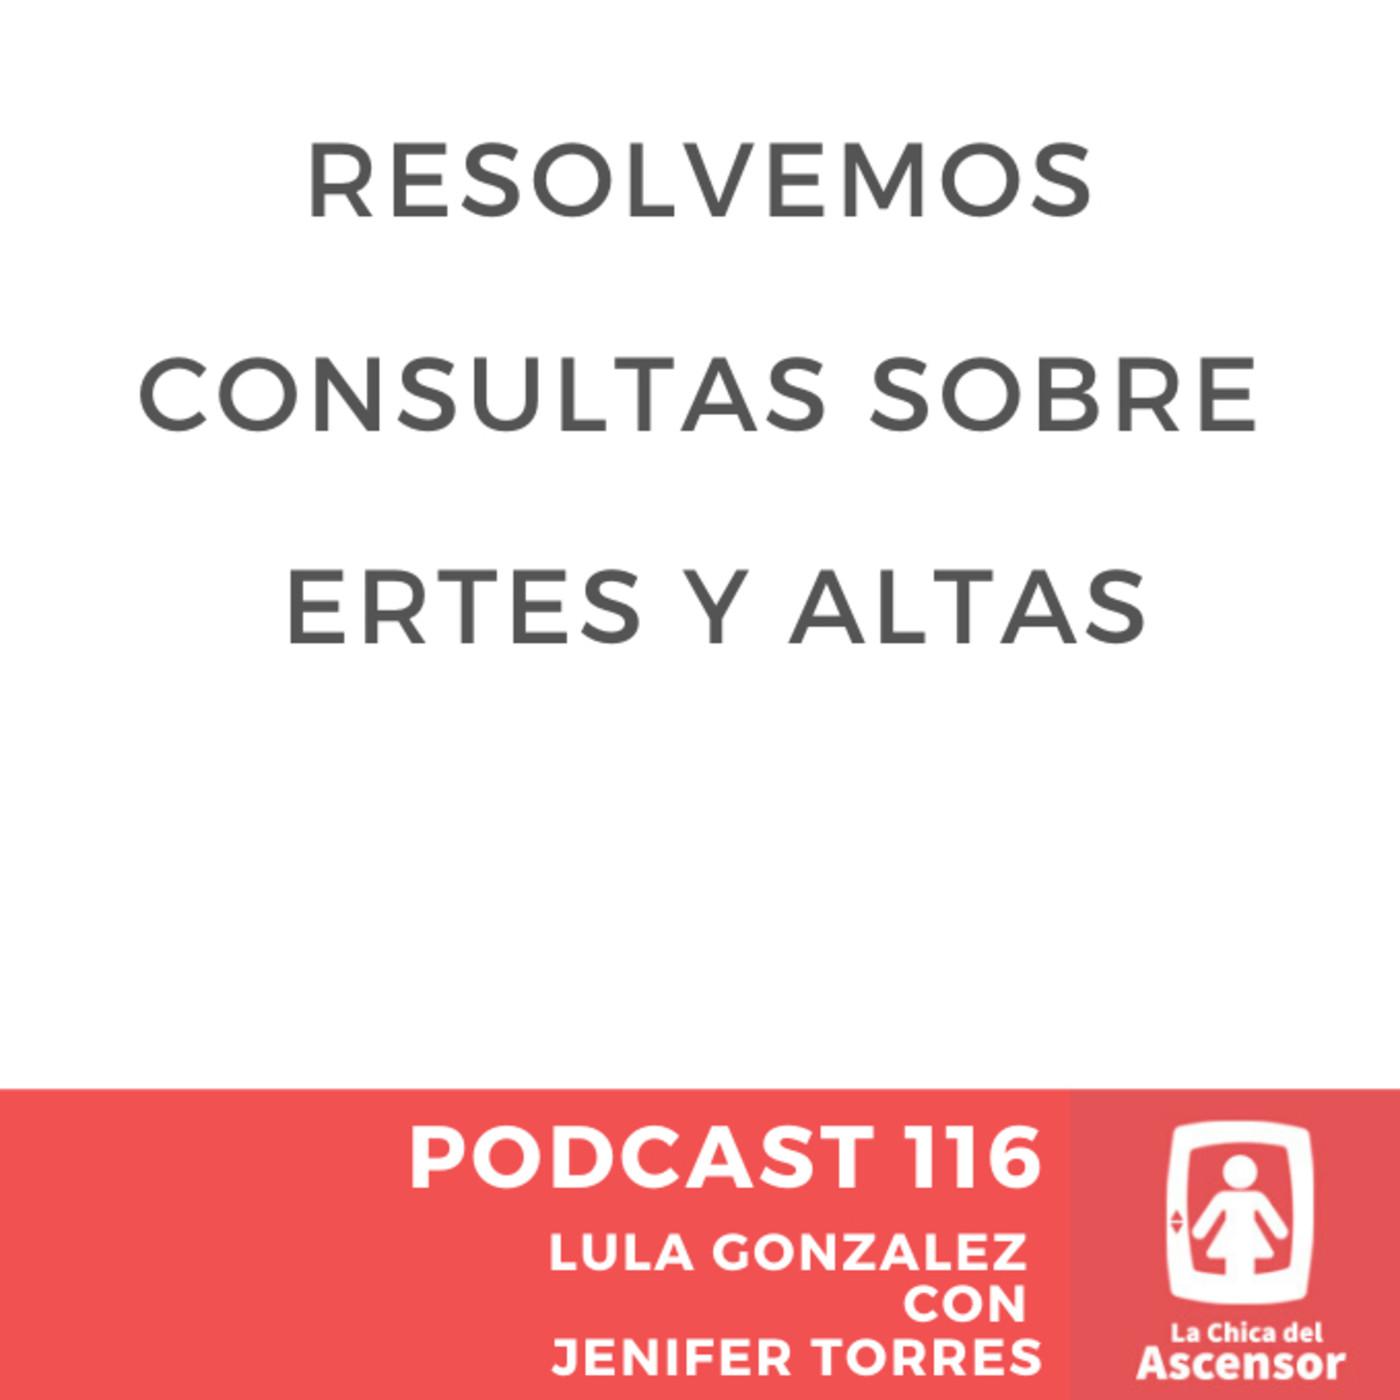 116 - Resolvemos tus dudas y consultas sobre ERTEs y altas